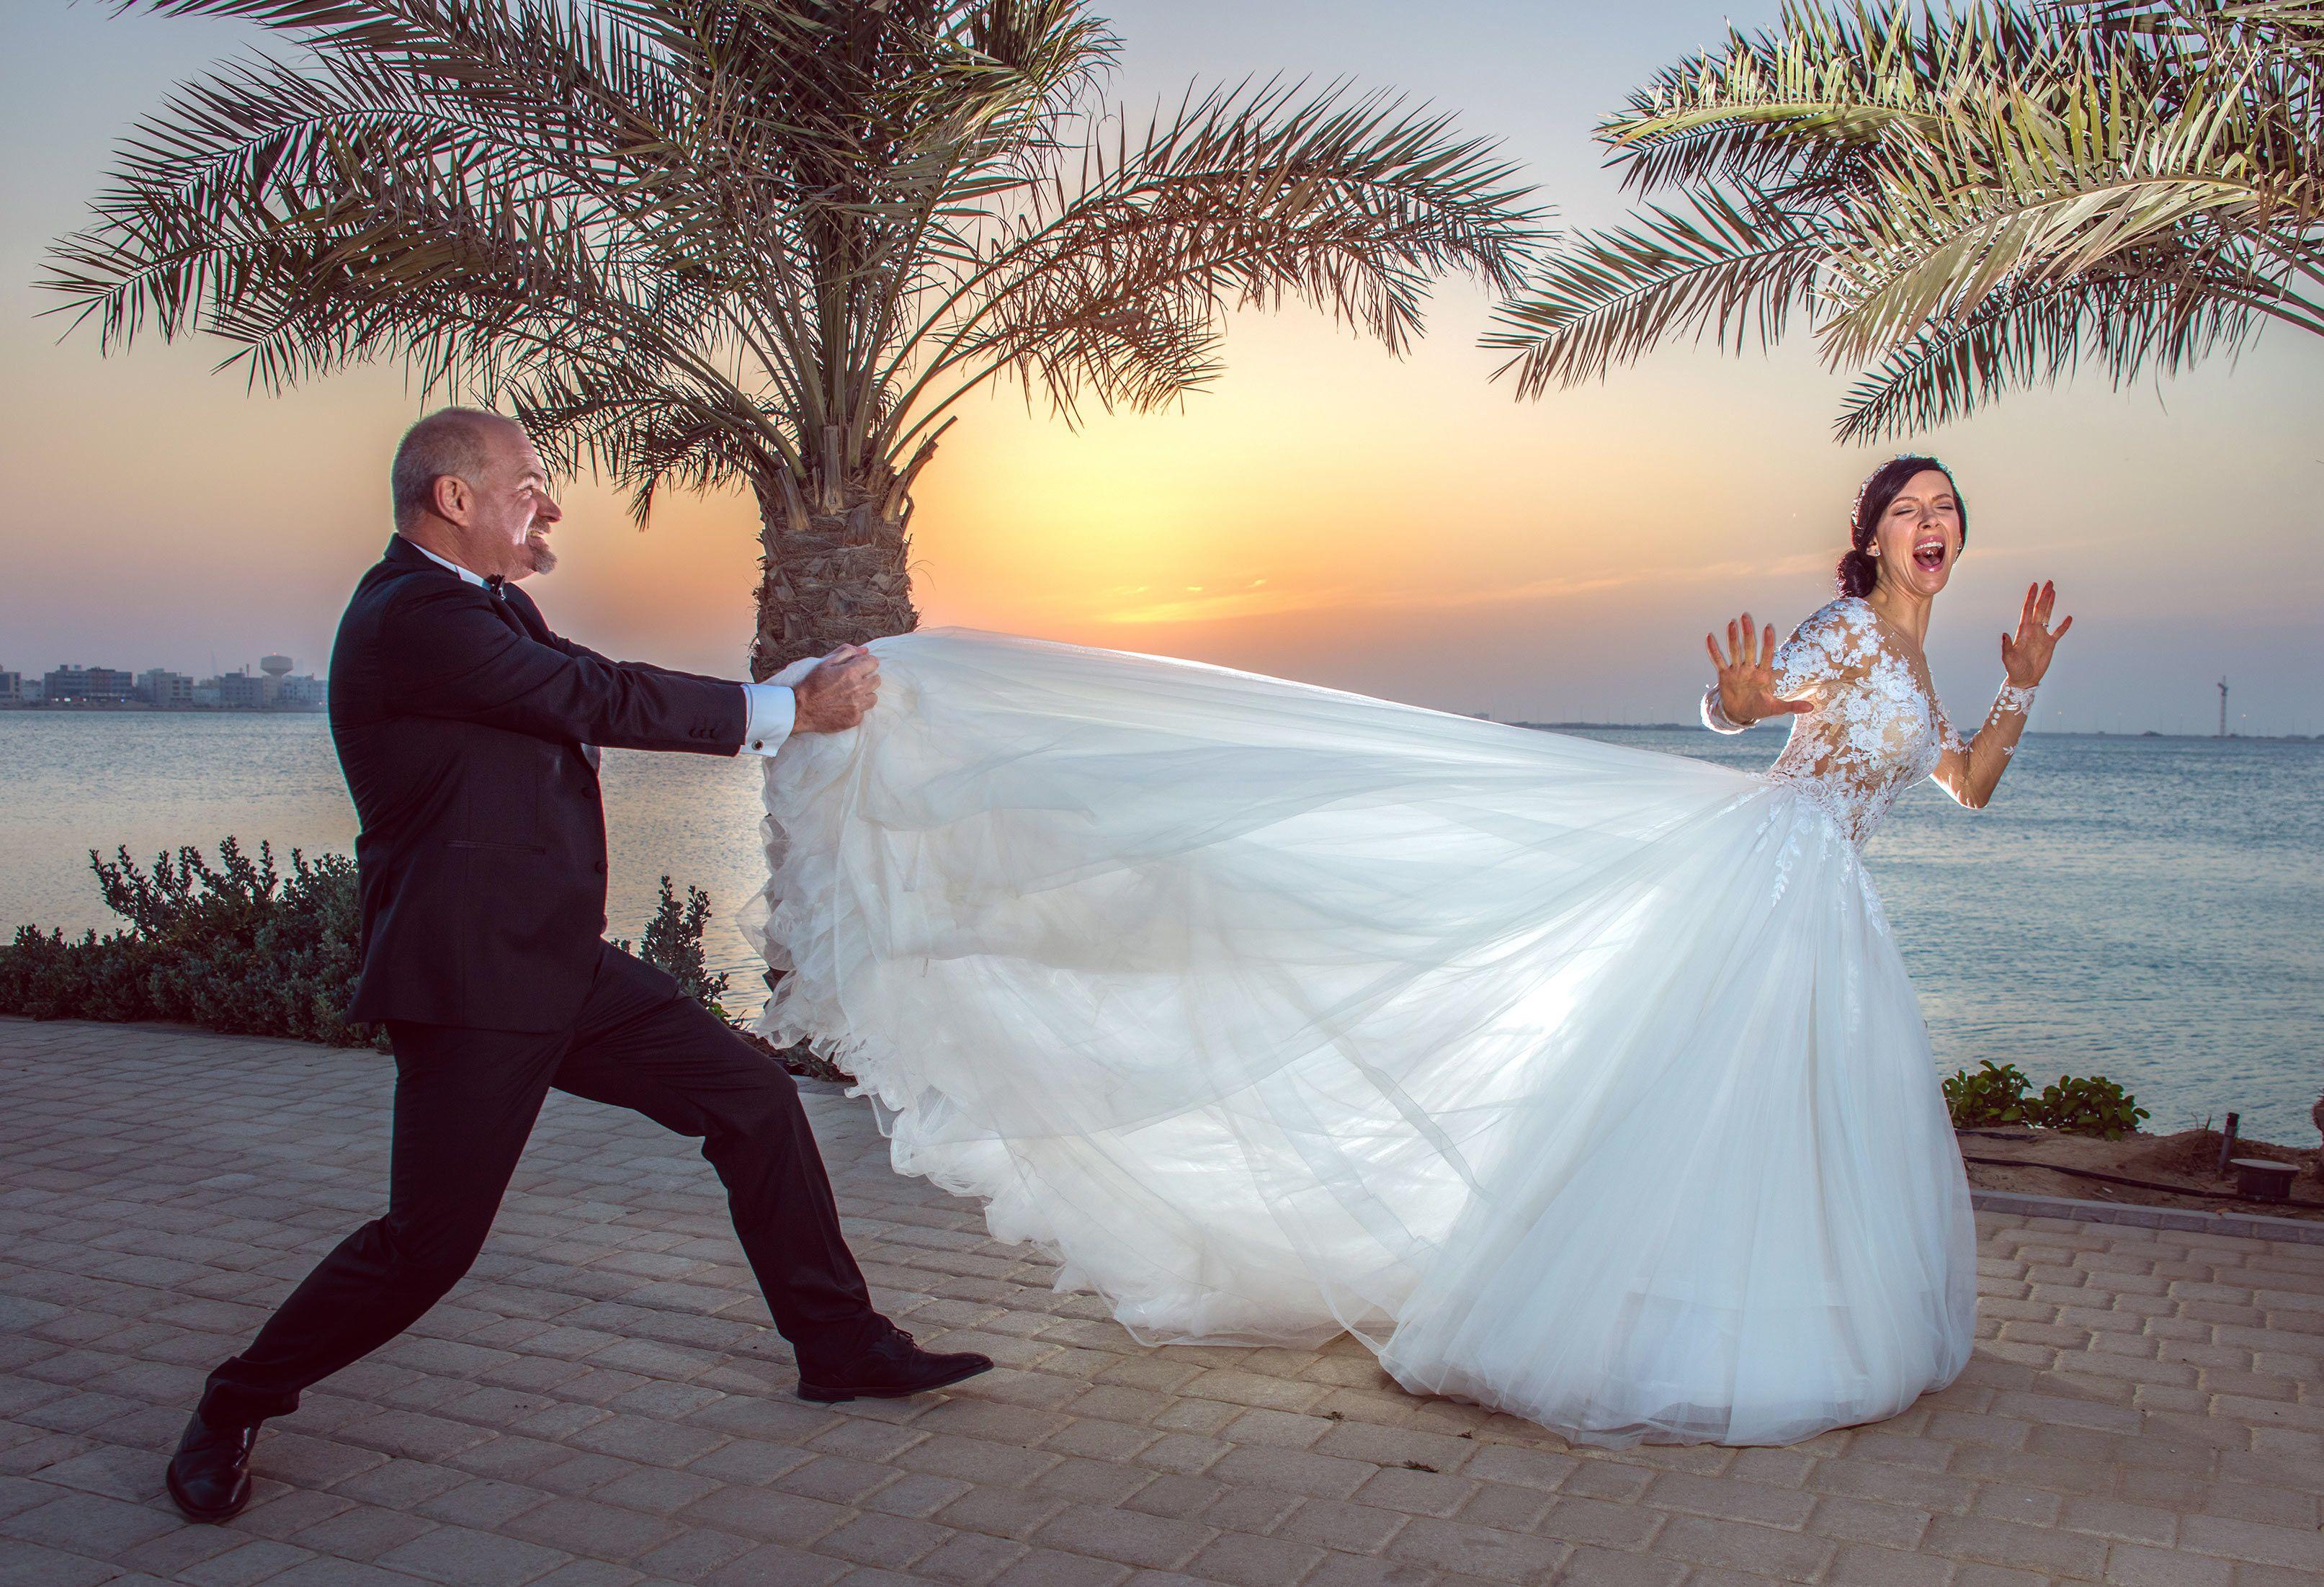 Wedding Nina Mommsen Photographer Bahrain Manama Professional Bride Dress Wedding Wedding Photographers Bride